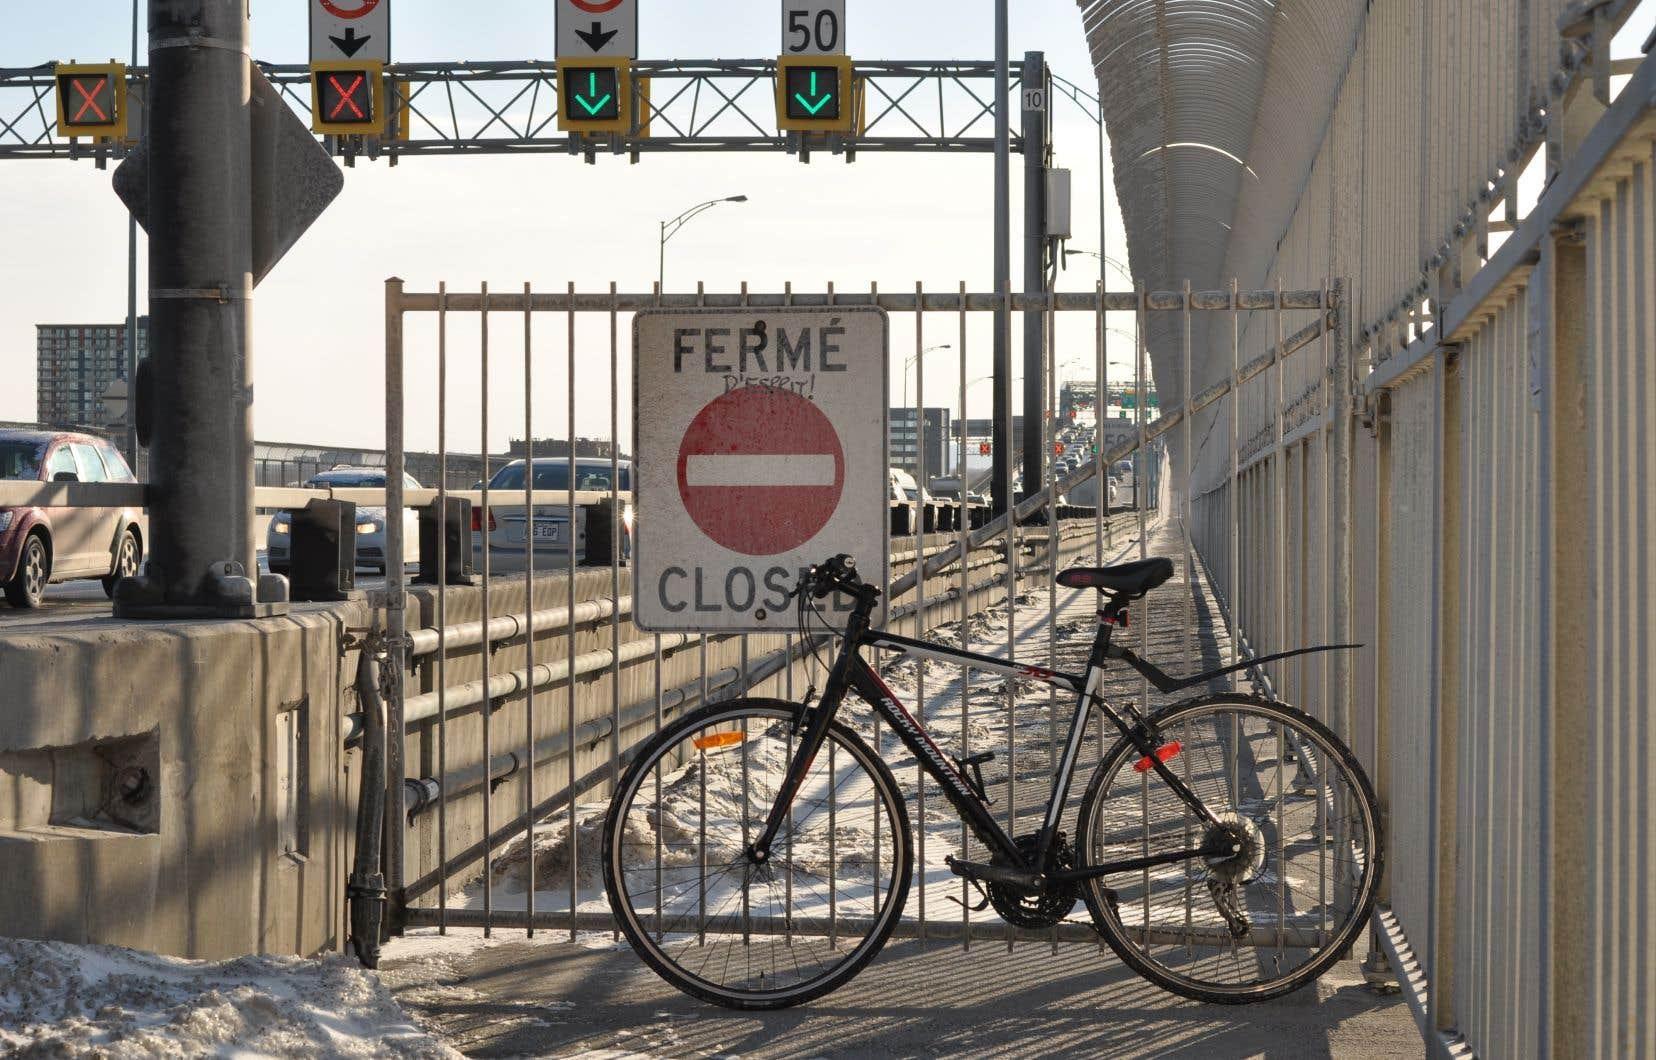 Des tests de déneigement avaient été réalisés à l'hiver 2017-2018, mais ils n'avaient pas permis d'assurer la circulation sécuritaire des vélos, selon la société responsable du pont.